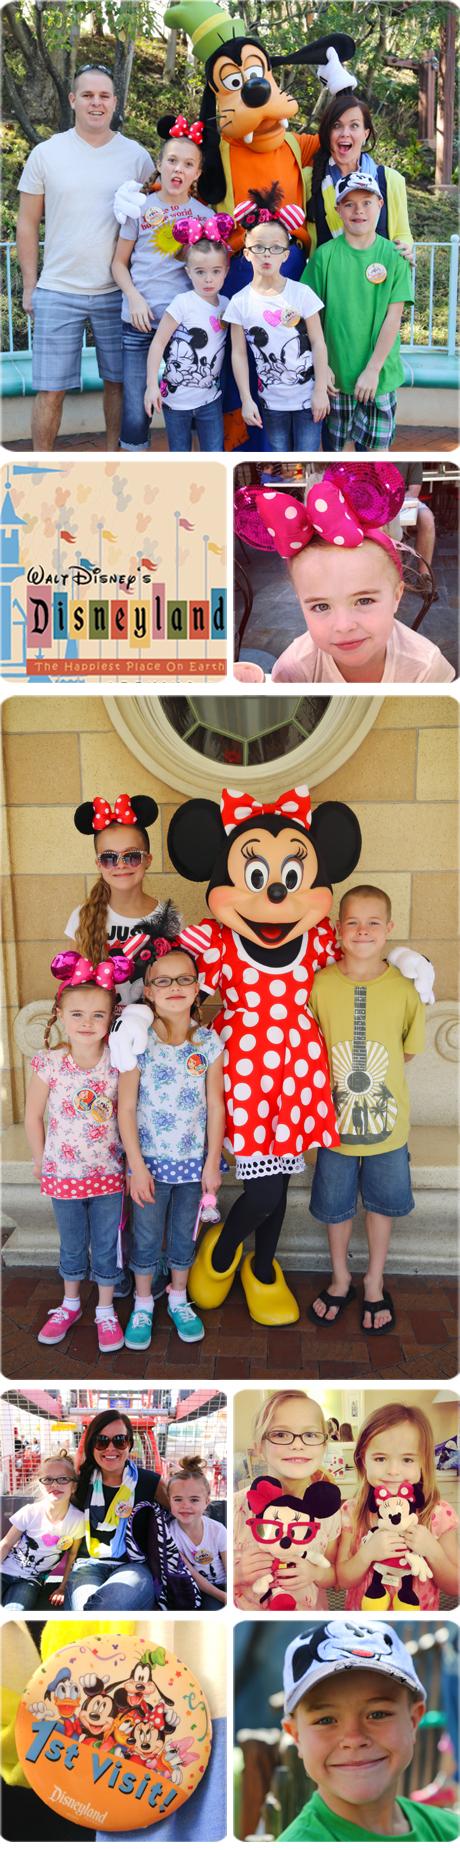 Disney1a